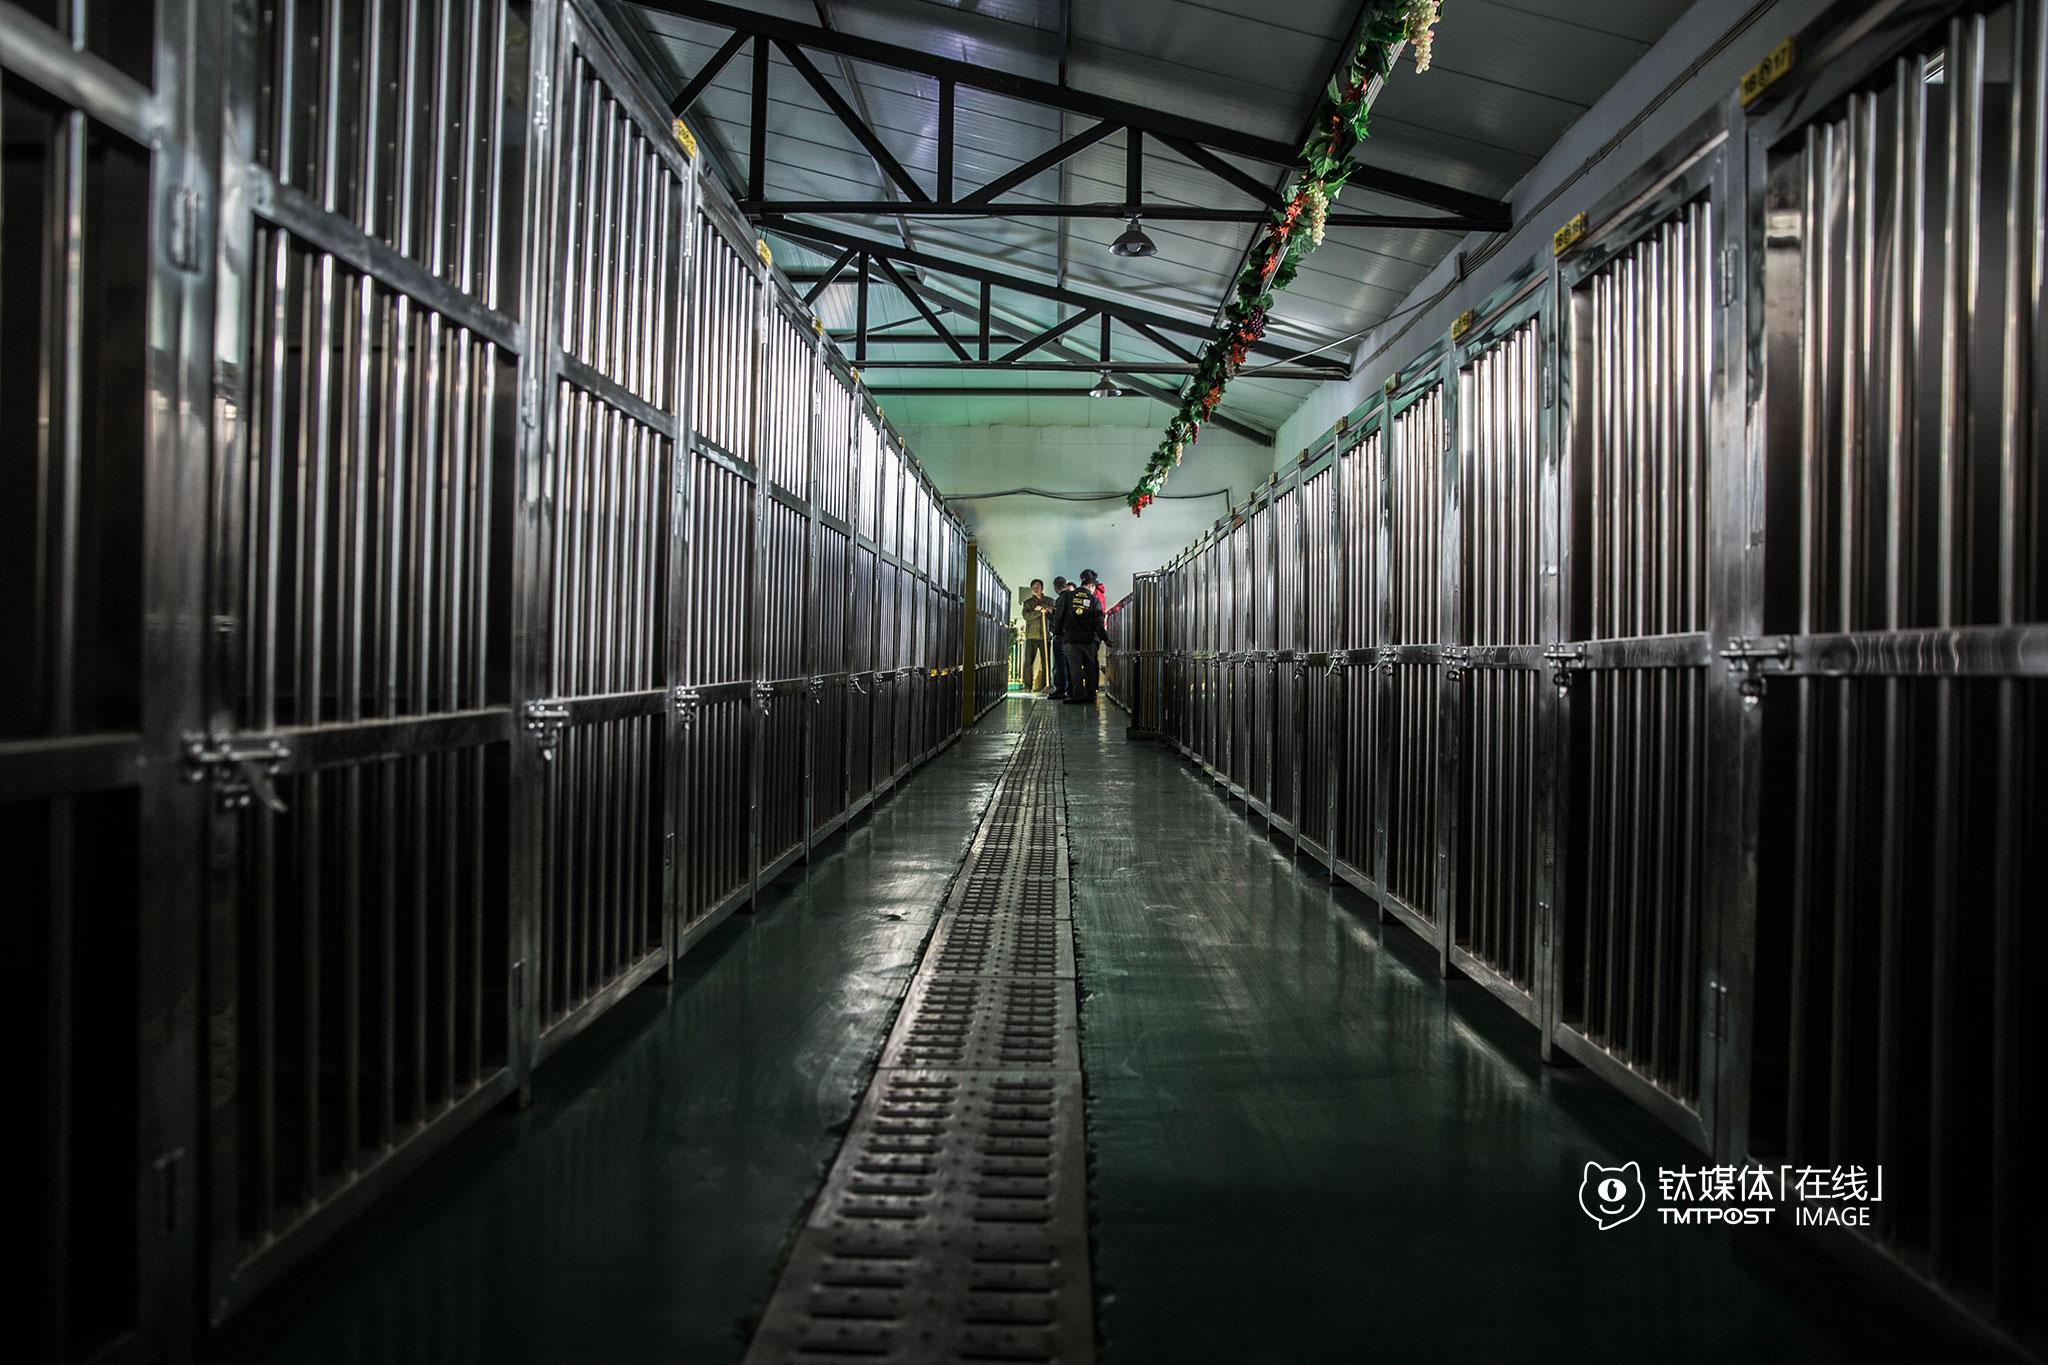 """""""狗狗学校""""的""""学生宿舍""""有122个位置,春节前一周就收到了90个预订,""""由于这里承载量有限,我们到90就没再接受预约了。""""要敬文介绍,""""狗狗专车""""计划在北京4个区域开办4个狗狗学校,""""通州这个这只是开始""""。"""